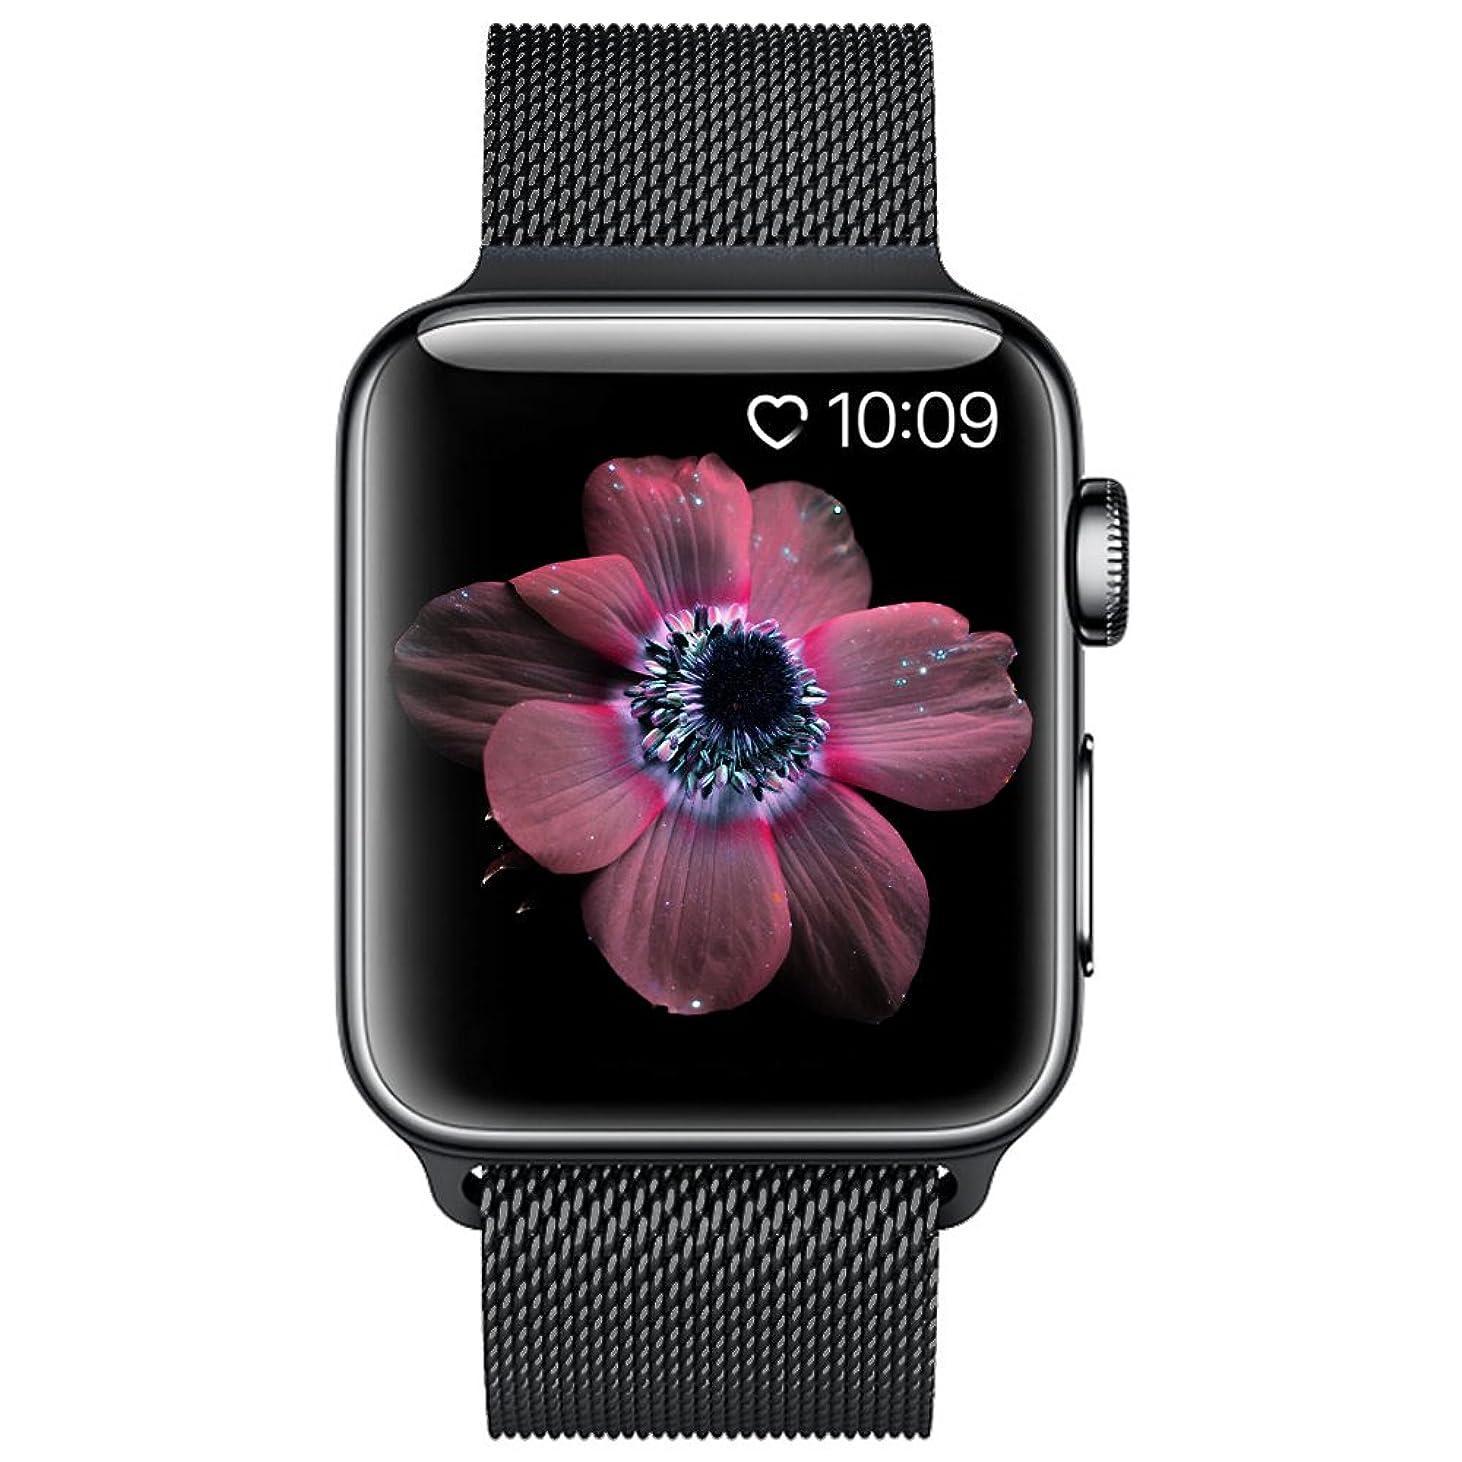 クレーン安全でない結果BRG コンパチブル apple watch バンド,ミラネーゼループ コンパチブルアップルウォッチバンド コンパチブル アップルウォッチ4 コンパチブルapple watch series4/3/2/1に対応 ステンレス留め金製(42mm/44mm,ブラック)